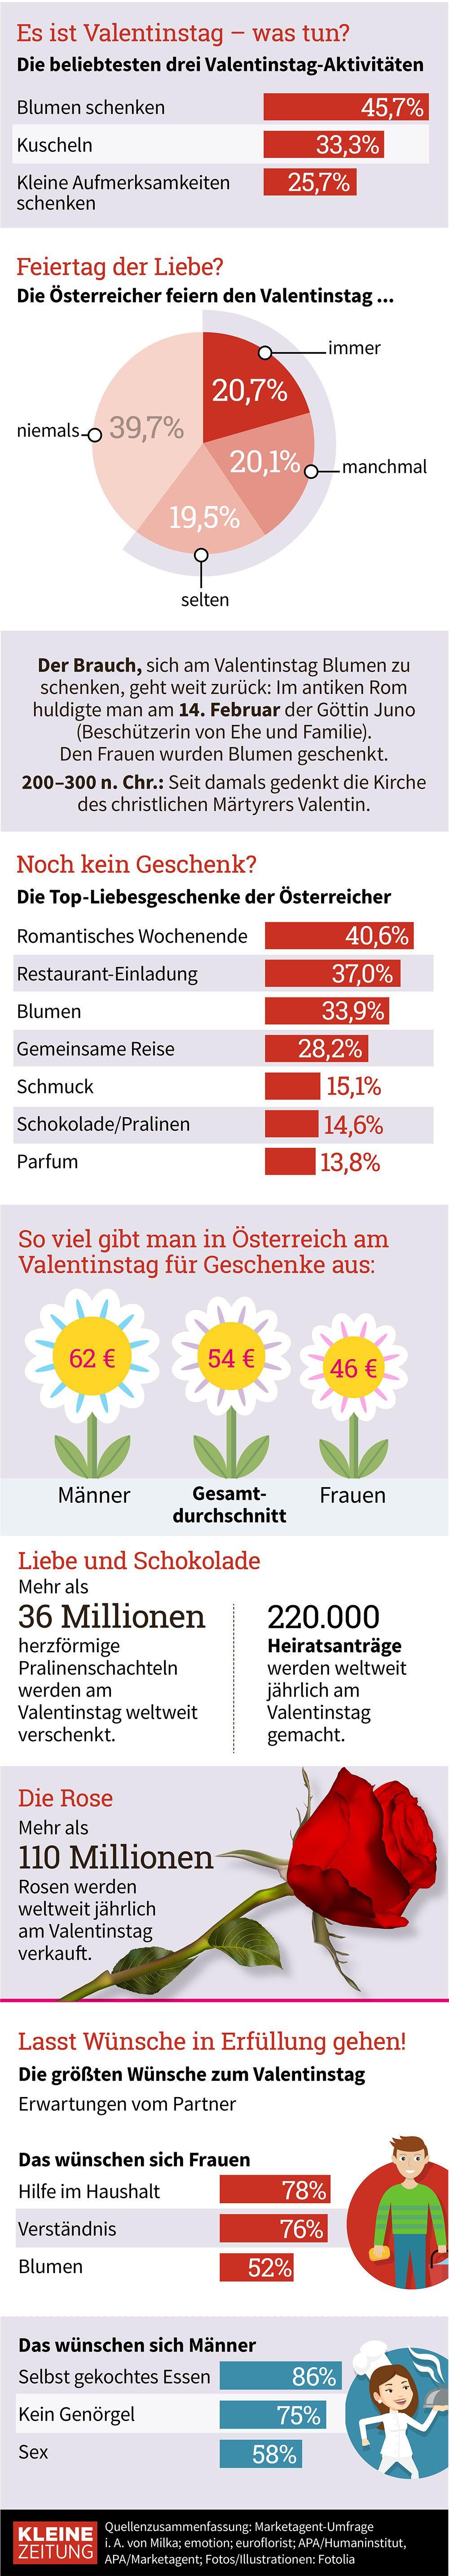 Grafik Des Tages So Feiert Osterreich Den Valentinstag